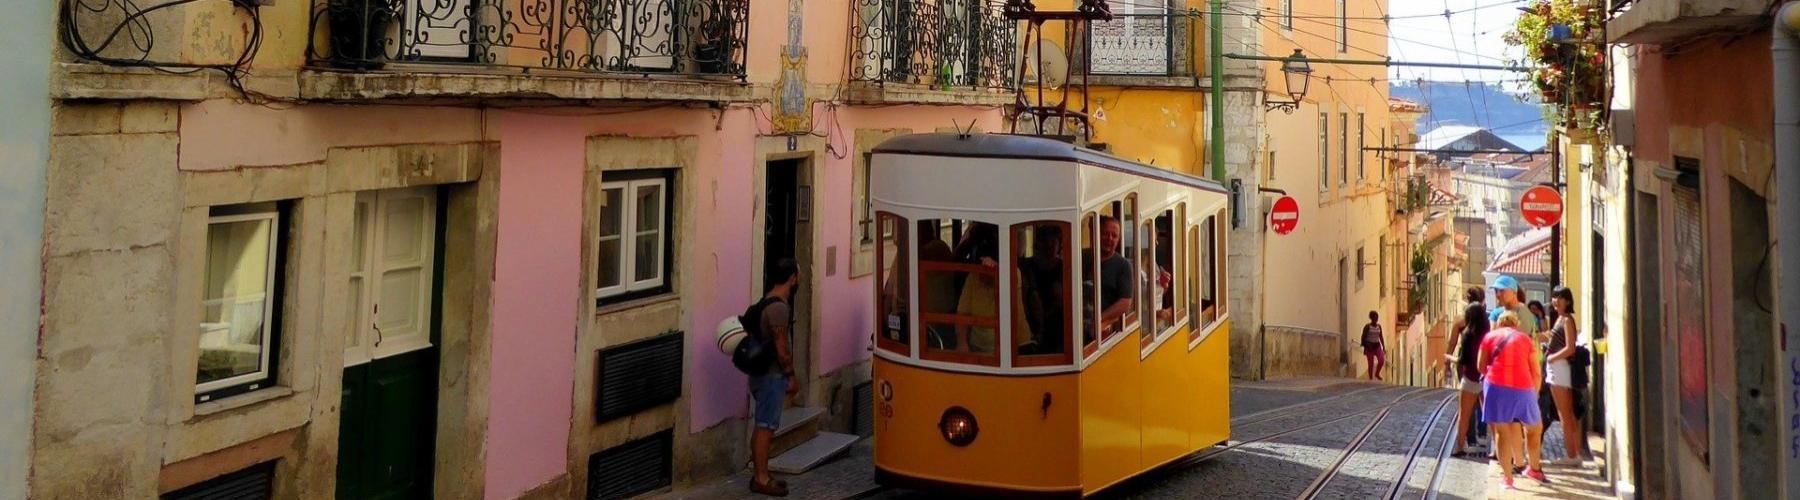 Week-end à Lisbonne